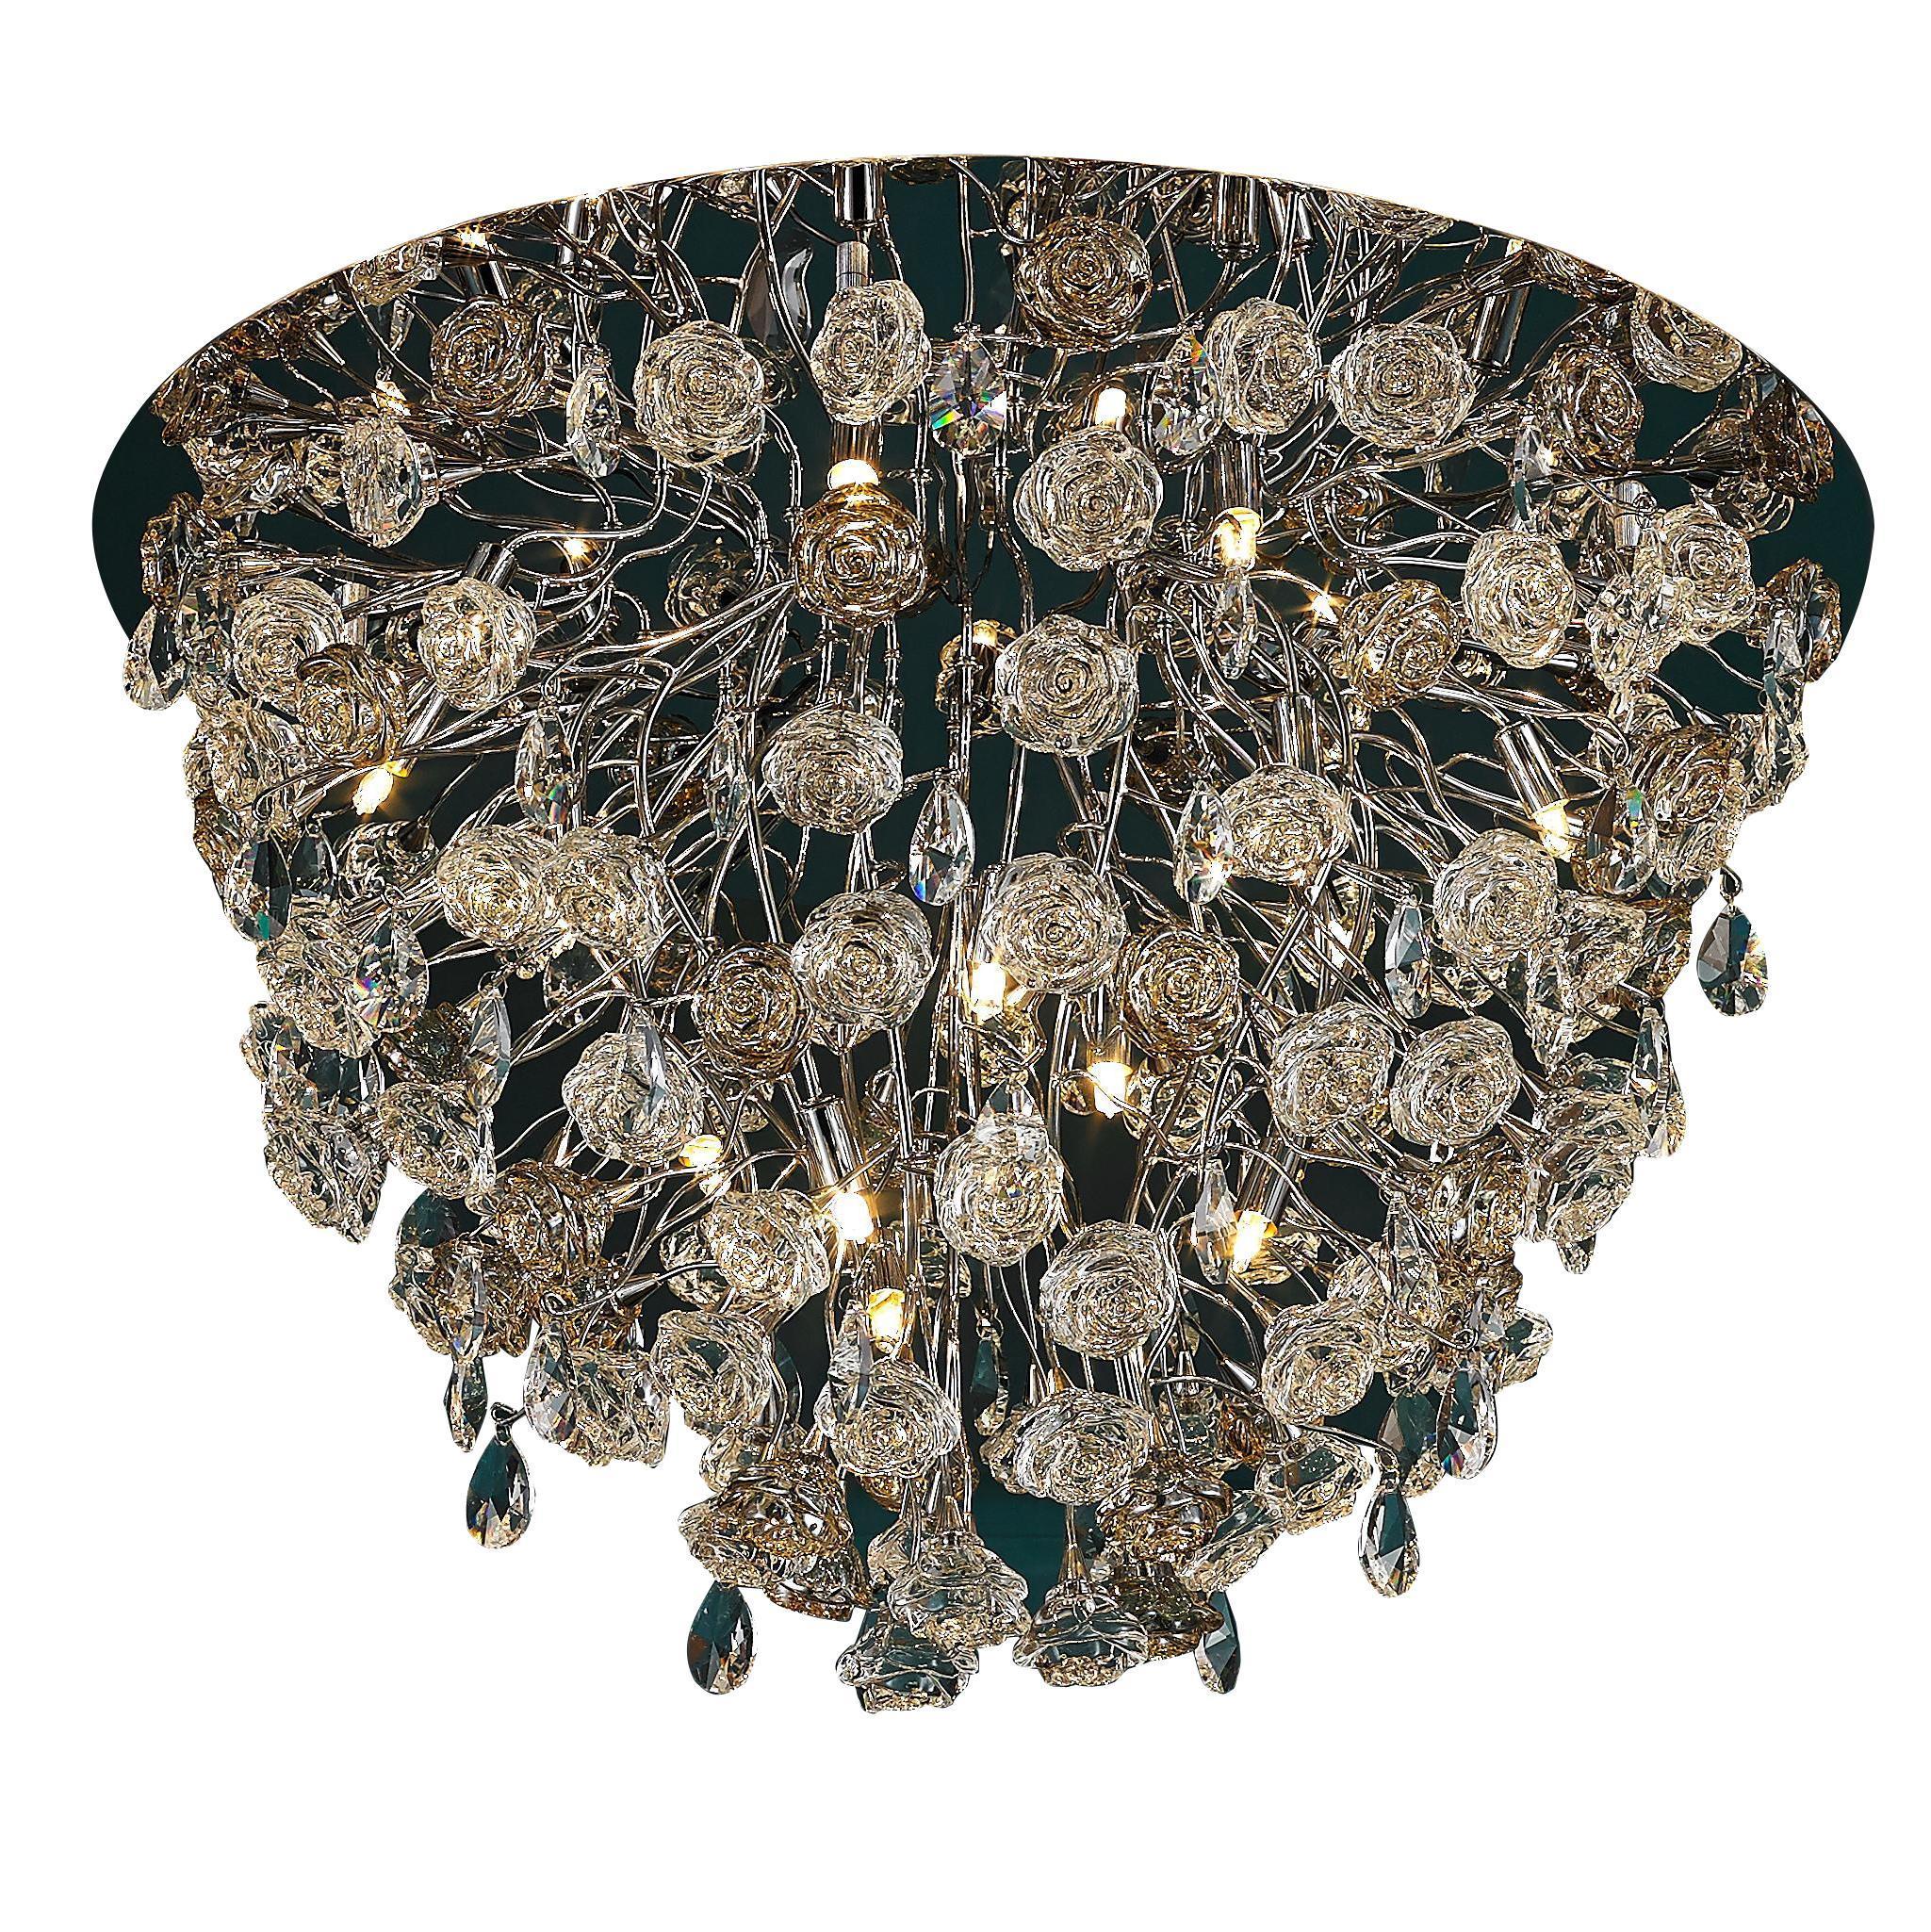 Люстра LamplandiaЛюстры<br>Назначение светильника: для комнаты, Стиль светильника: классика, Тип: потолочная, Материал светильника: металл, стекло, пластик, Материал арматуры: металл, Длина (мм): 750, Ширина: 750, Высота: 540, Количество ламп: 18, Тип лампы: накаливания, Мощность: 40, Патрон: G9, Цвет арматуры: серебристый, Родина бренда: Испания, Коллекция: rosa<br>